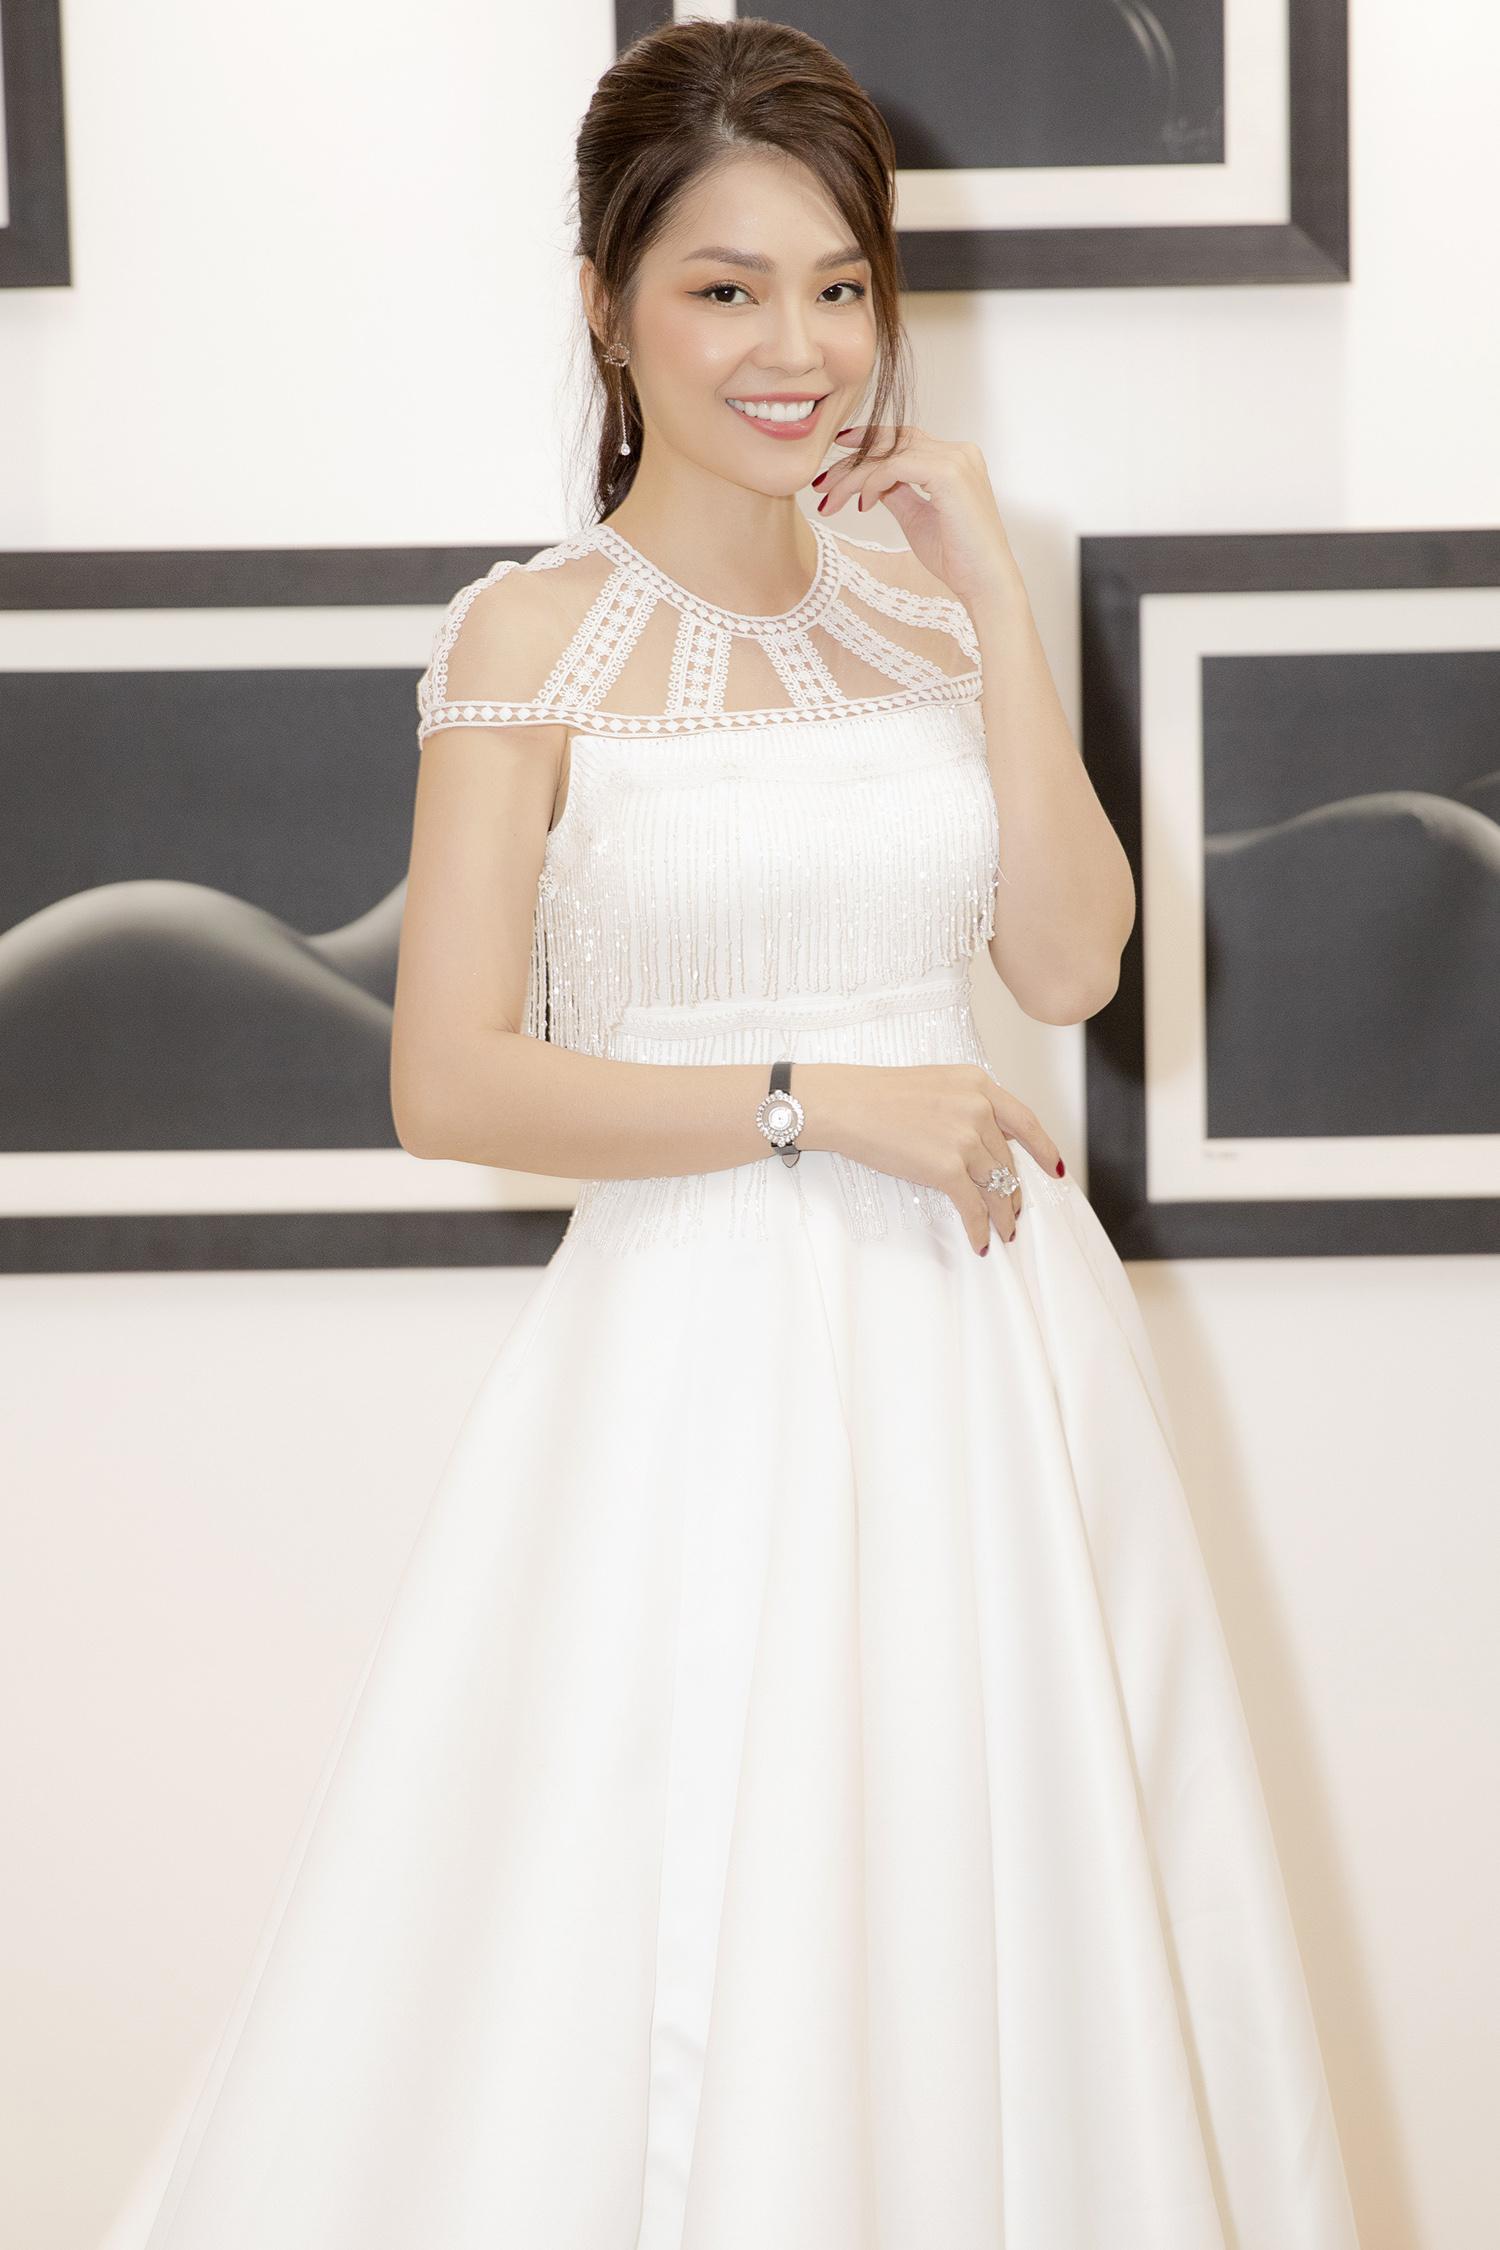 Dương Cẩm Lynh bất ngờ mặc váy cưới khiến khán giả tò mò Ảnh 8